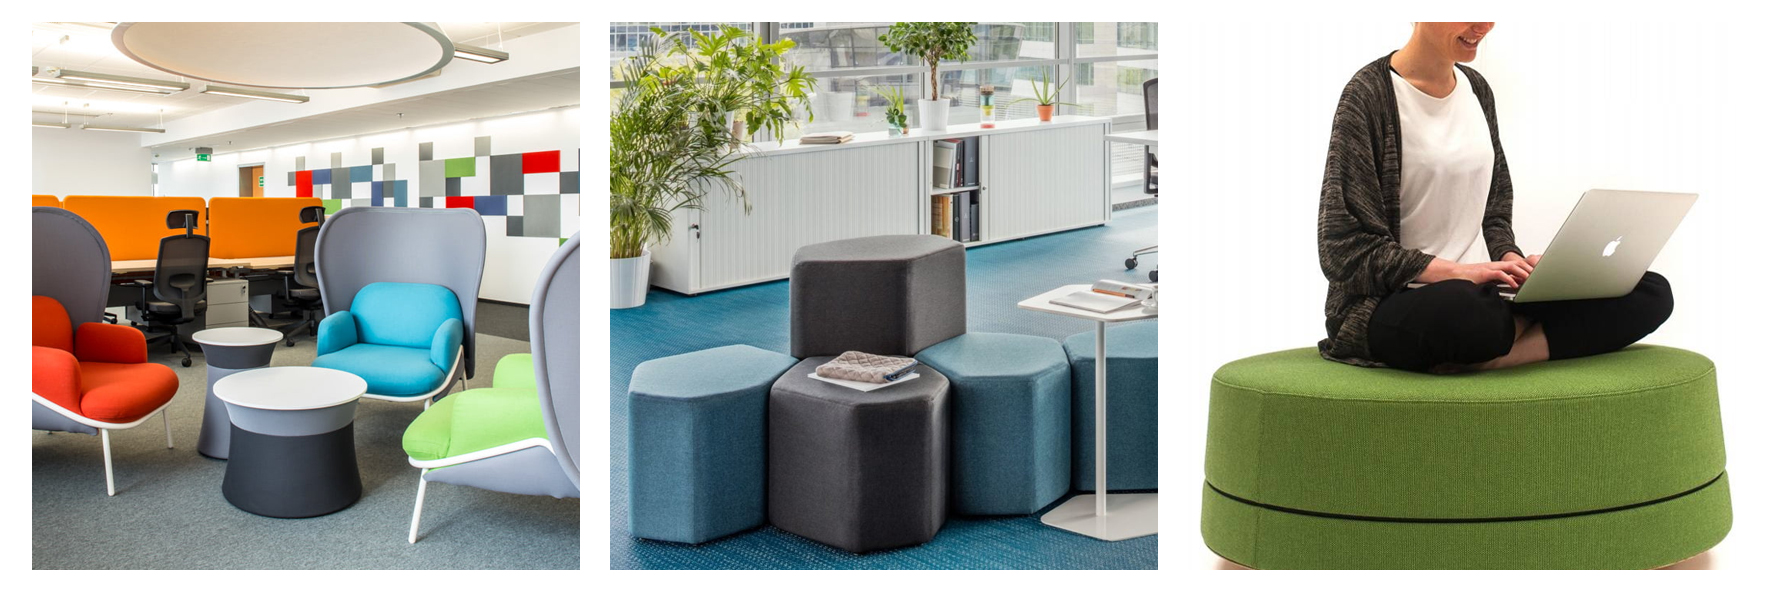 n hesitez pas a feuilleter notre catalogue mobilier de bureau le mobilier source de vie chaque jour